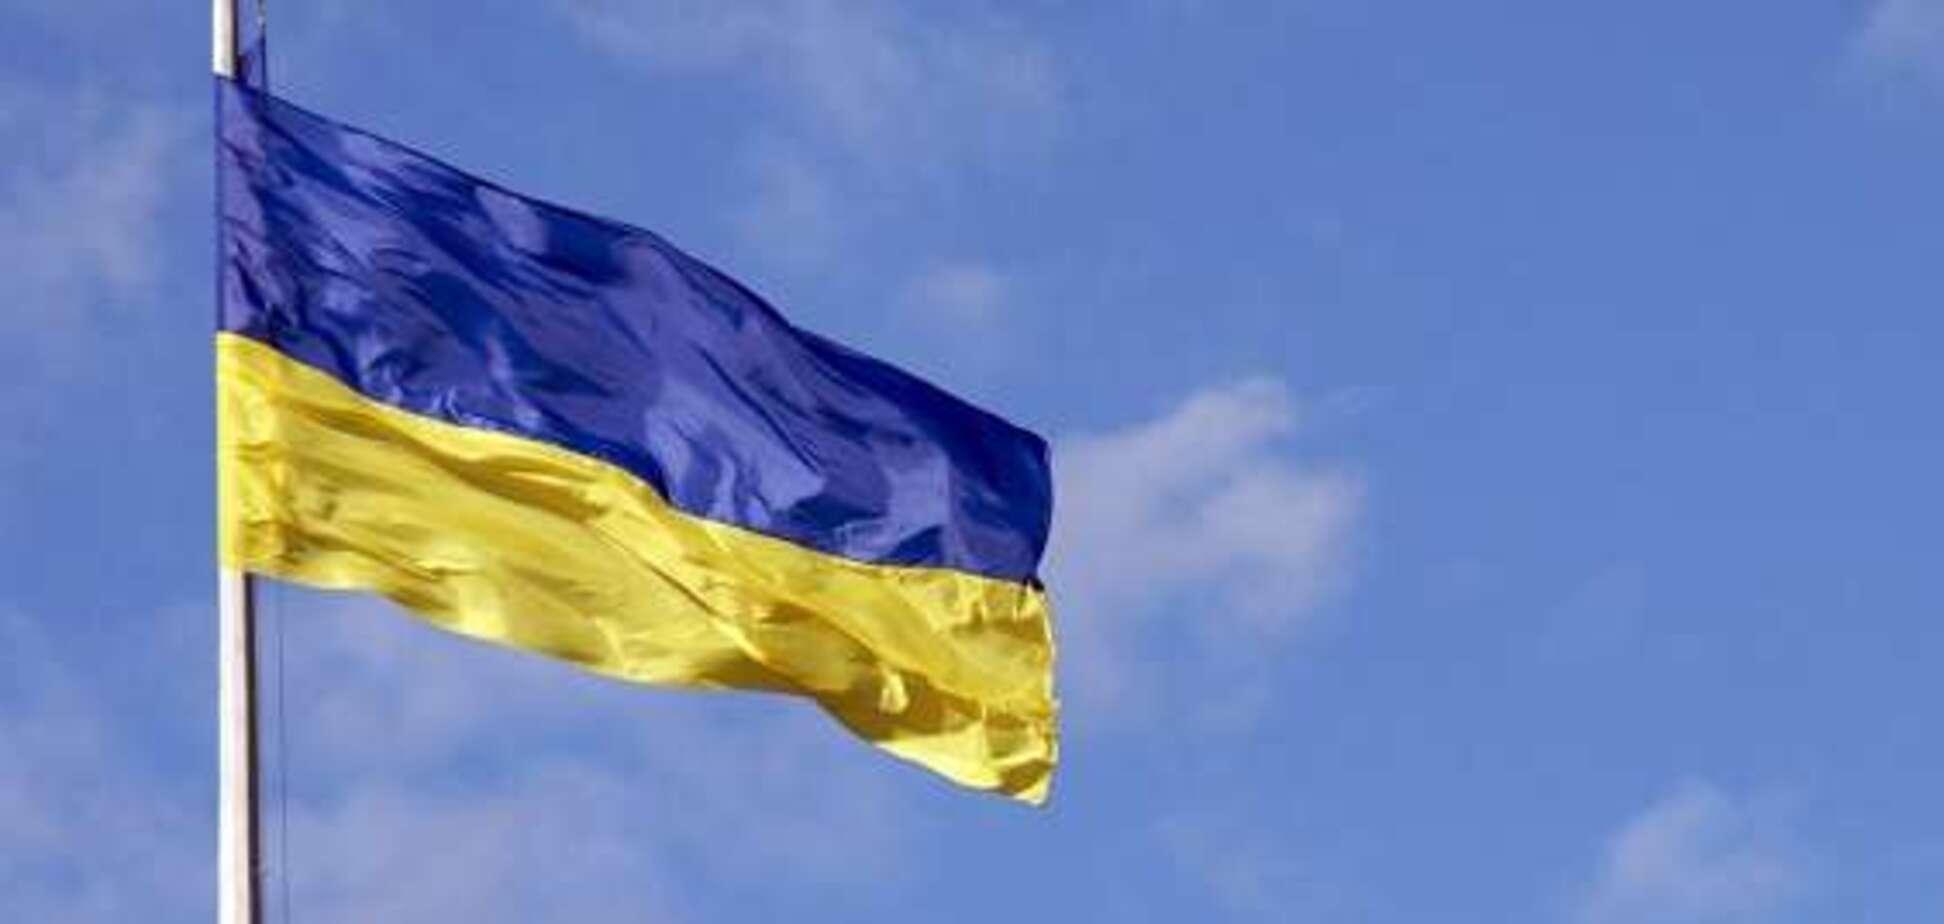 'Щиро вам дякую!' Історія про українську мову в Донецьку зворушила користувачів мережі